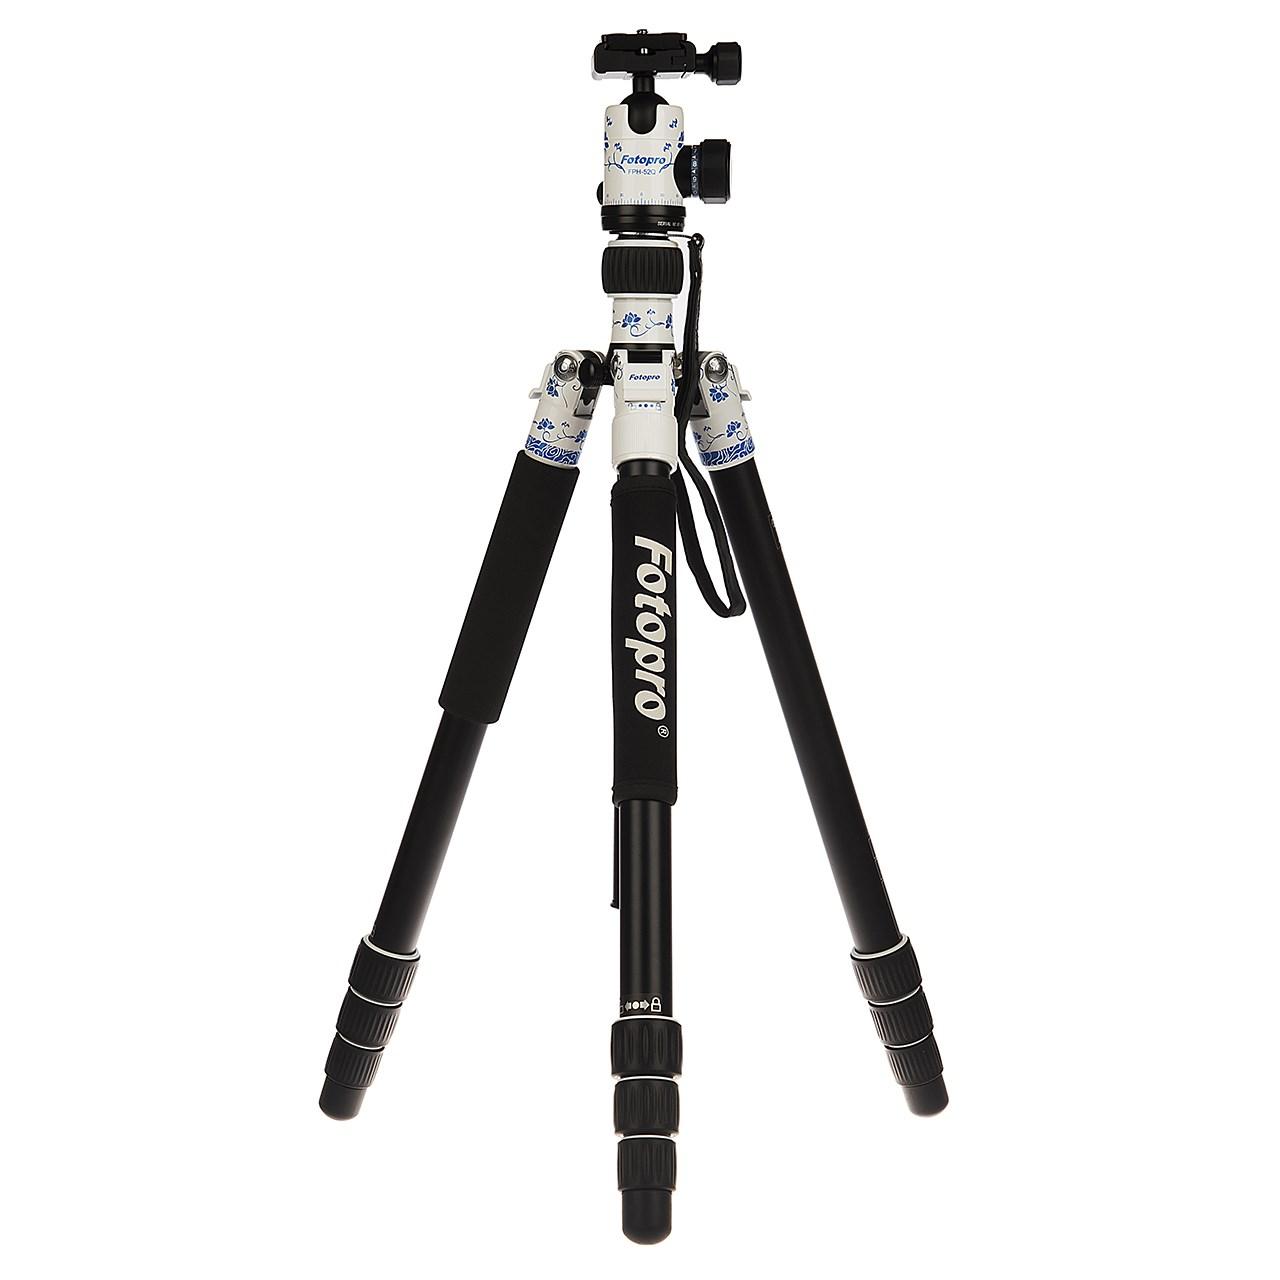 سه پایه دوربین فوتو پرو مدل X5i